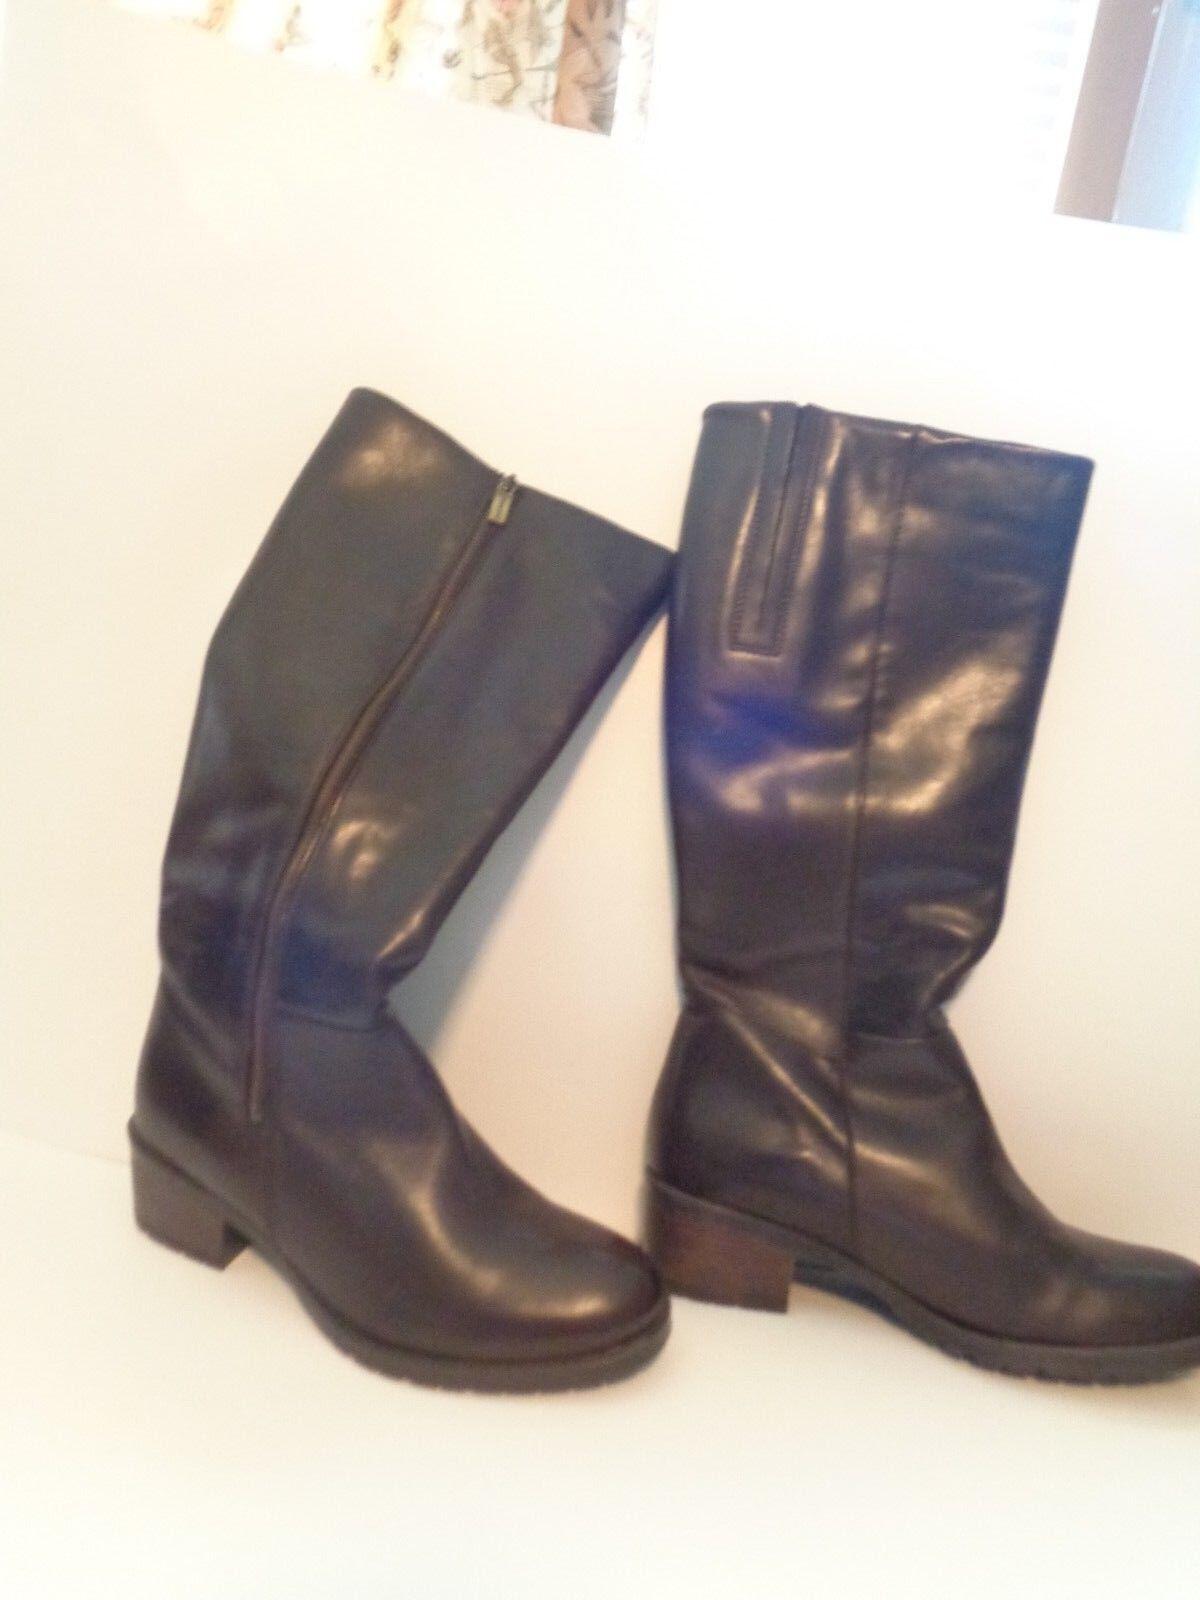 New Eric Michael Brown Lauren Knee High Women's Boots Size 7 1/2 US 38 Eur